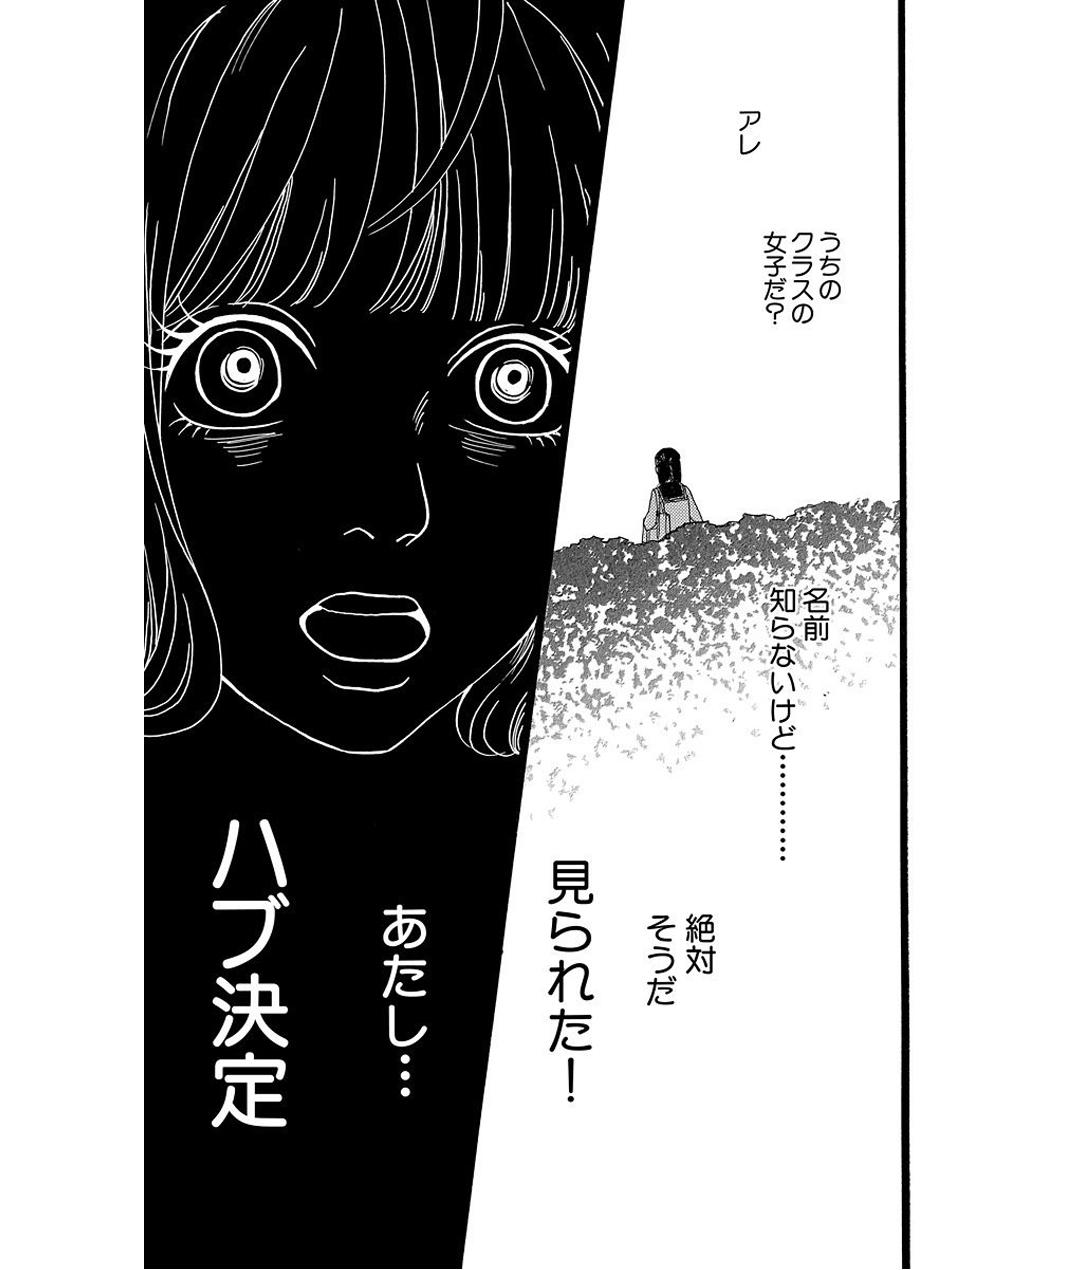 プリンシパル 第1話 試し読み_1_1-45